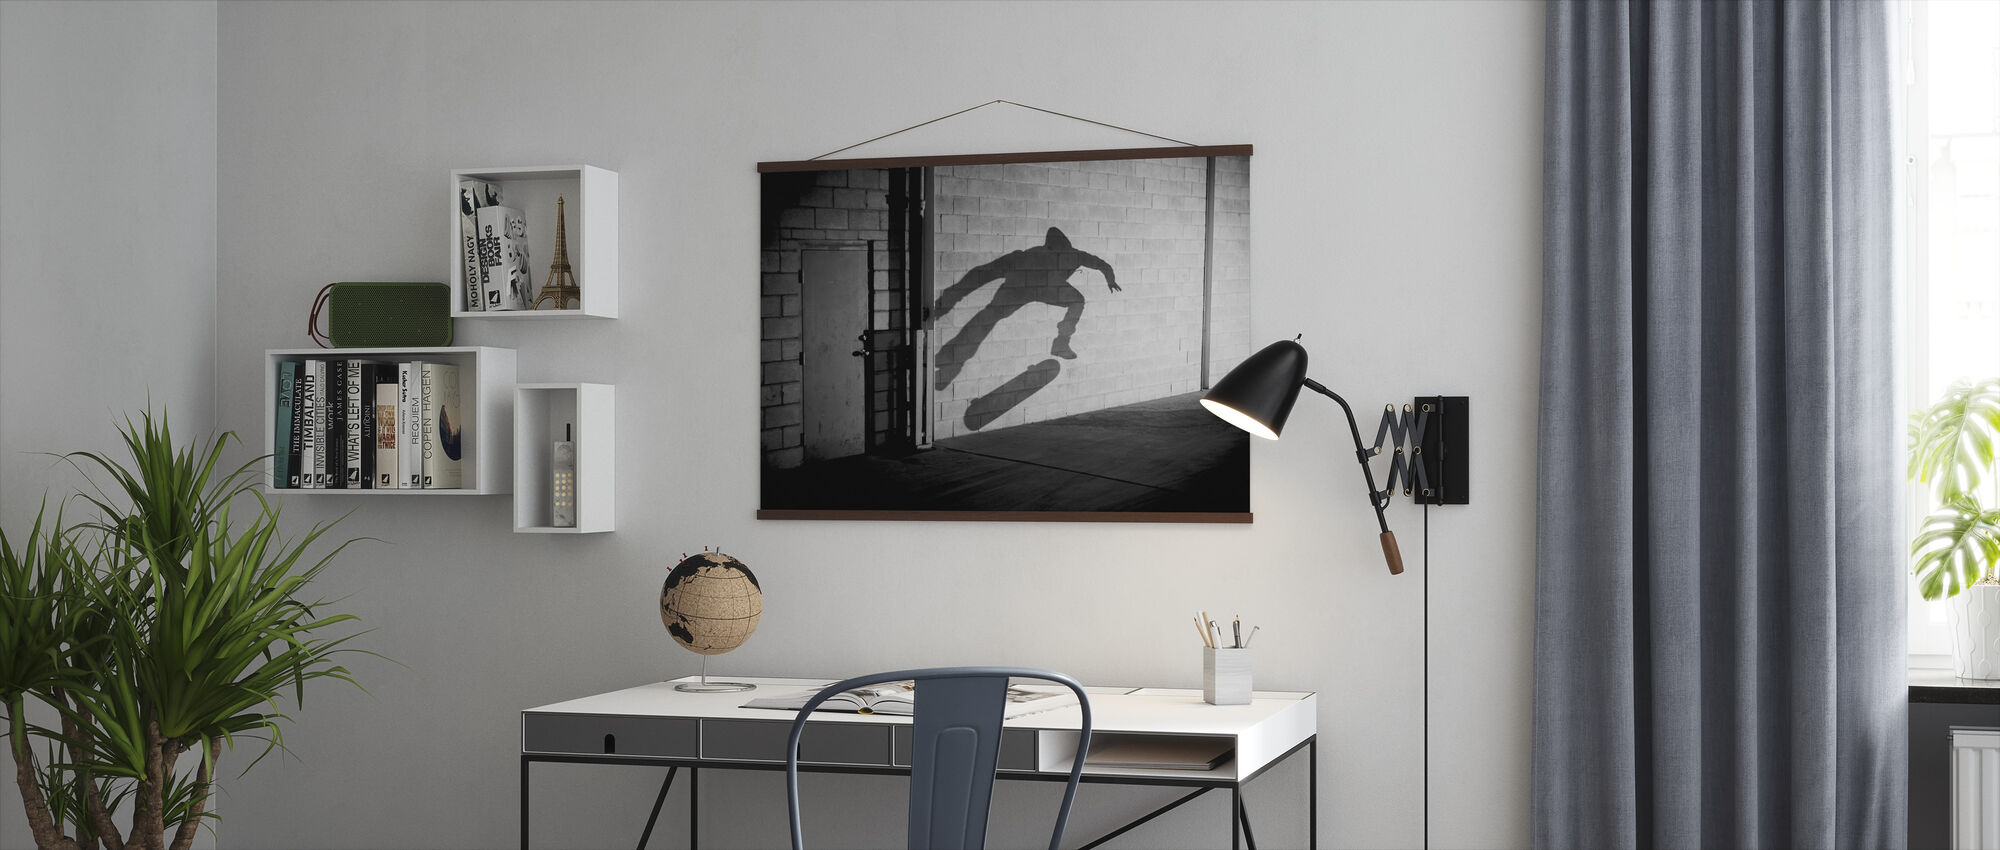 Skugga Skateboardåkare - Poster - Kontor